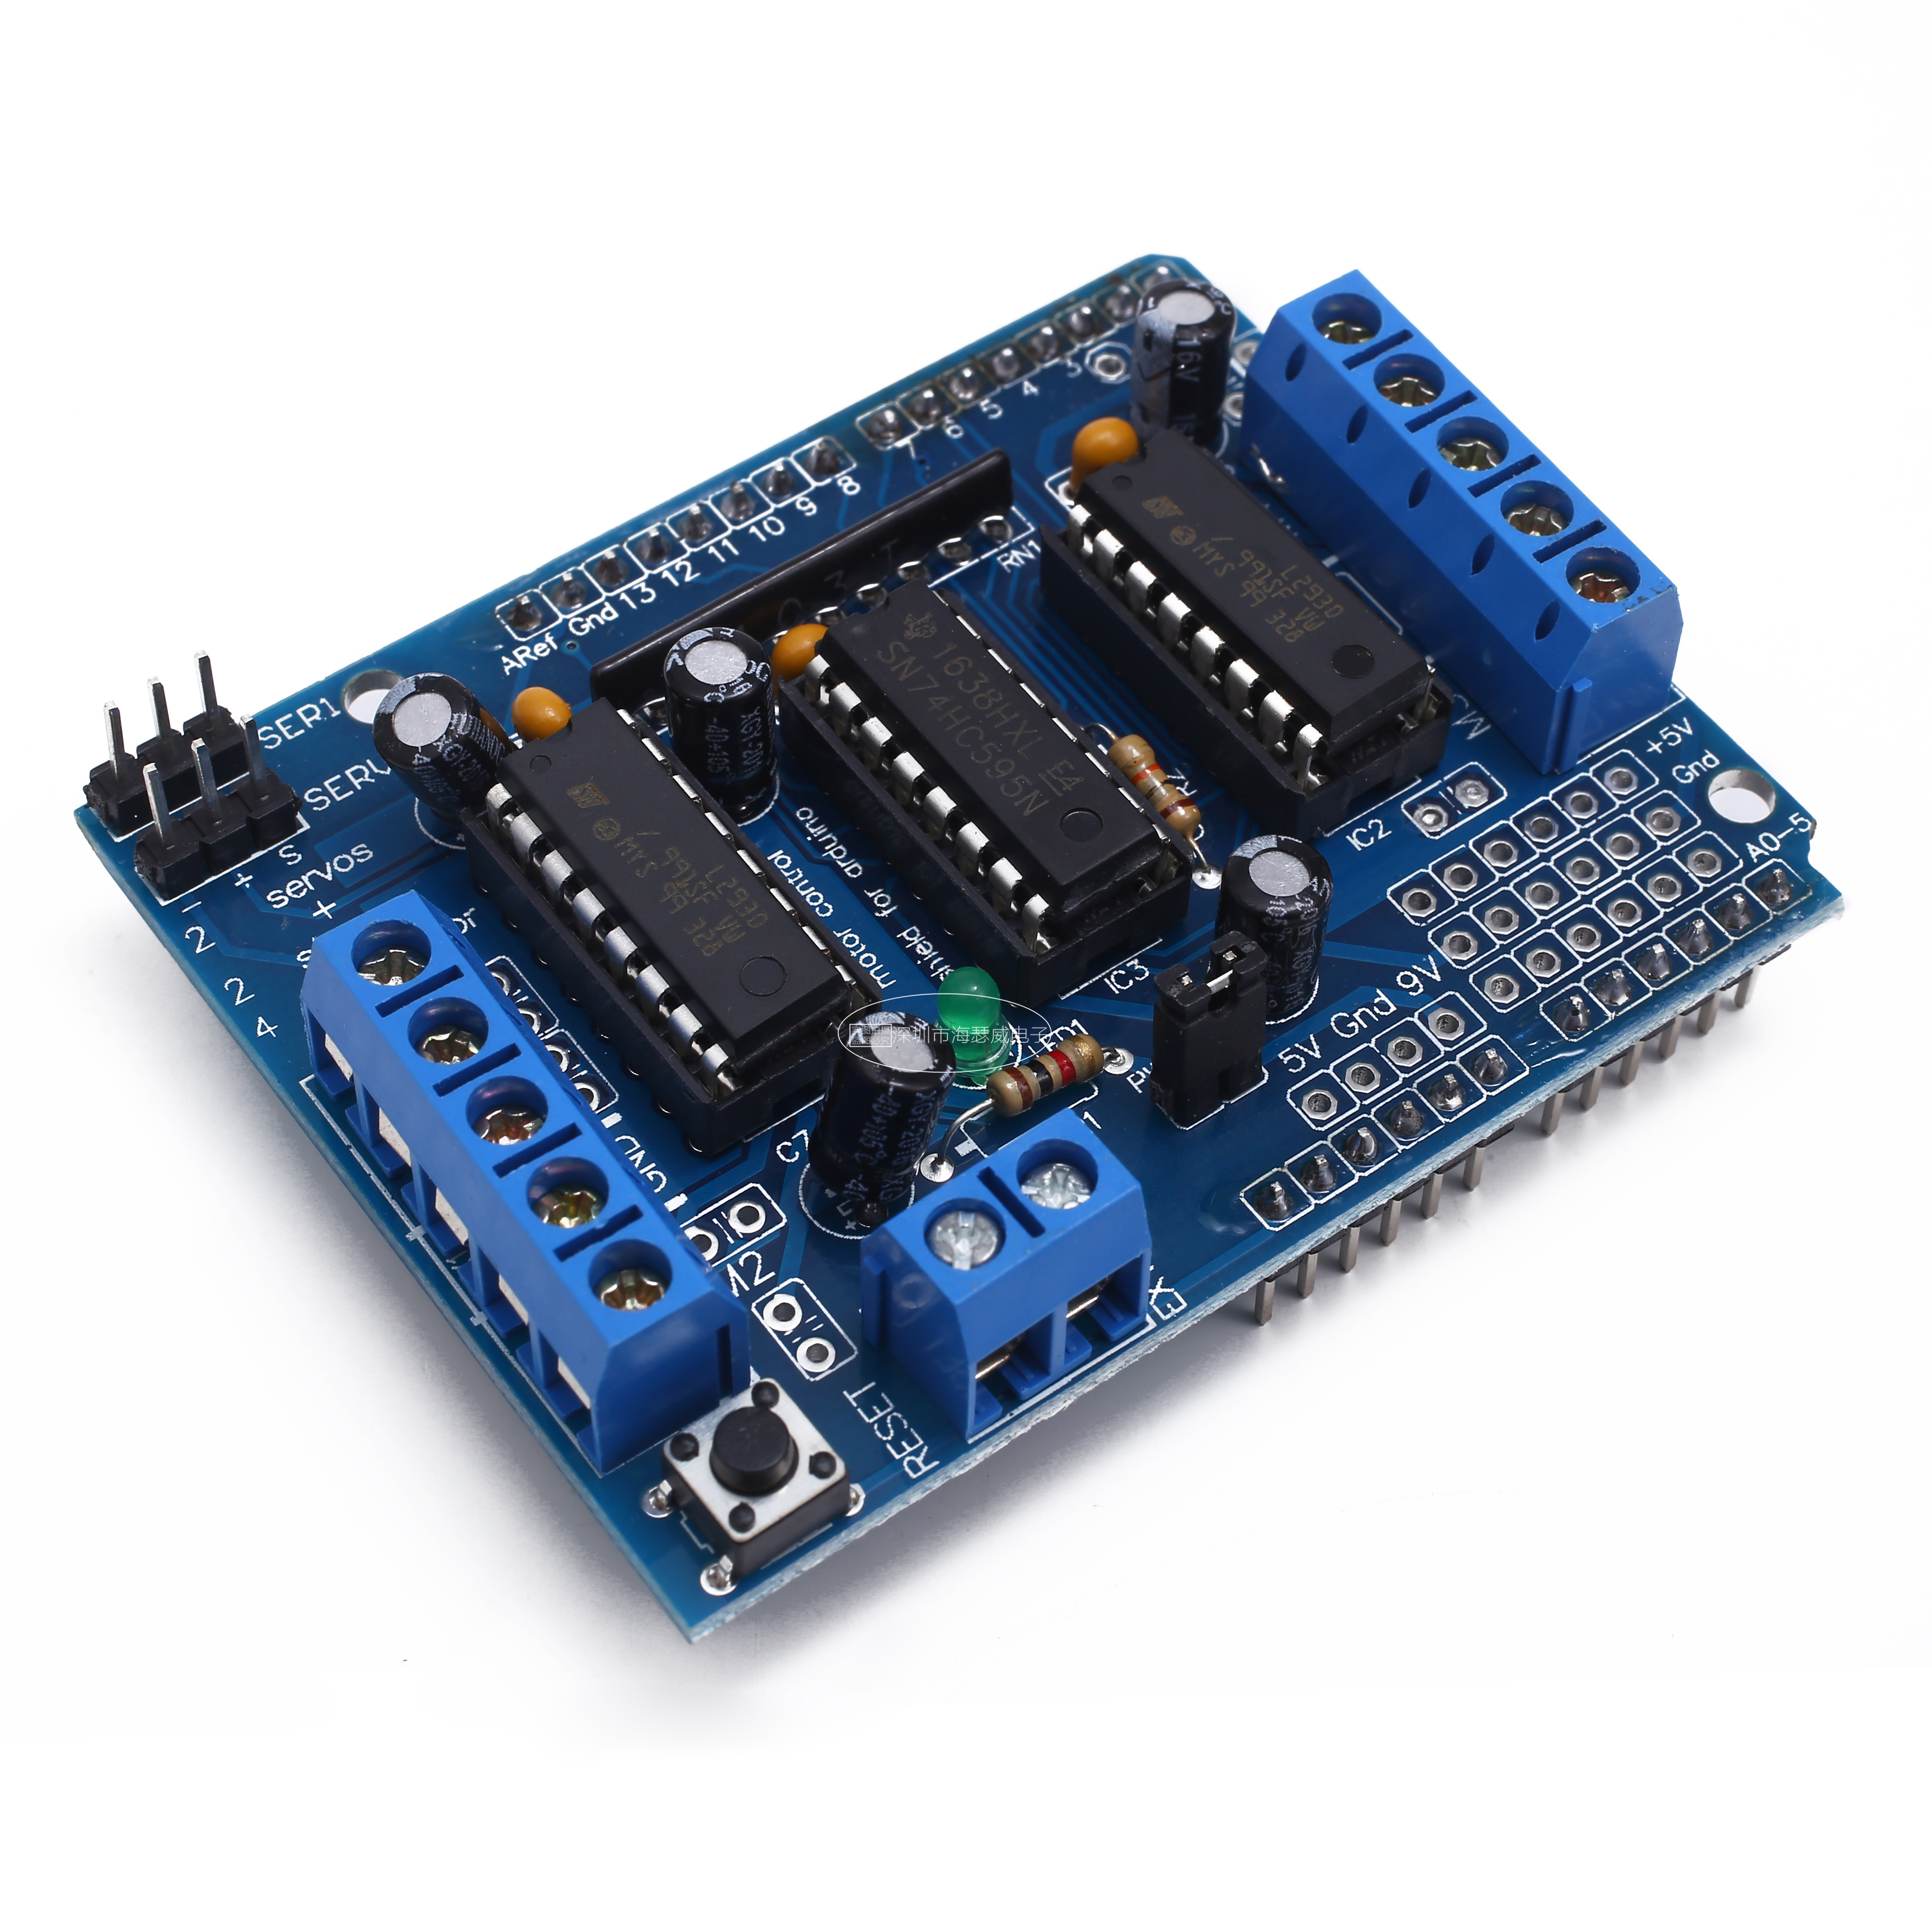 L293D двойной щит привода двигателя для arduino Duemilanove, плата расширения привода двигателя, щит управления мотором